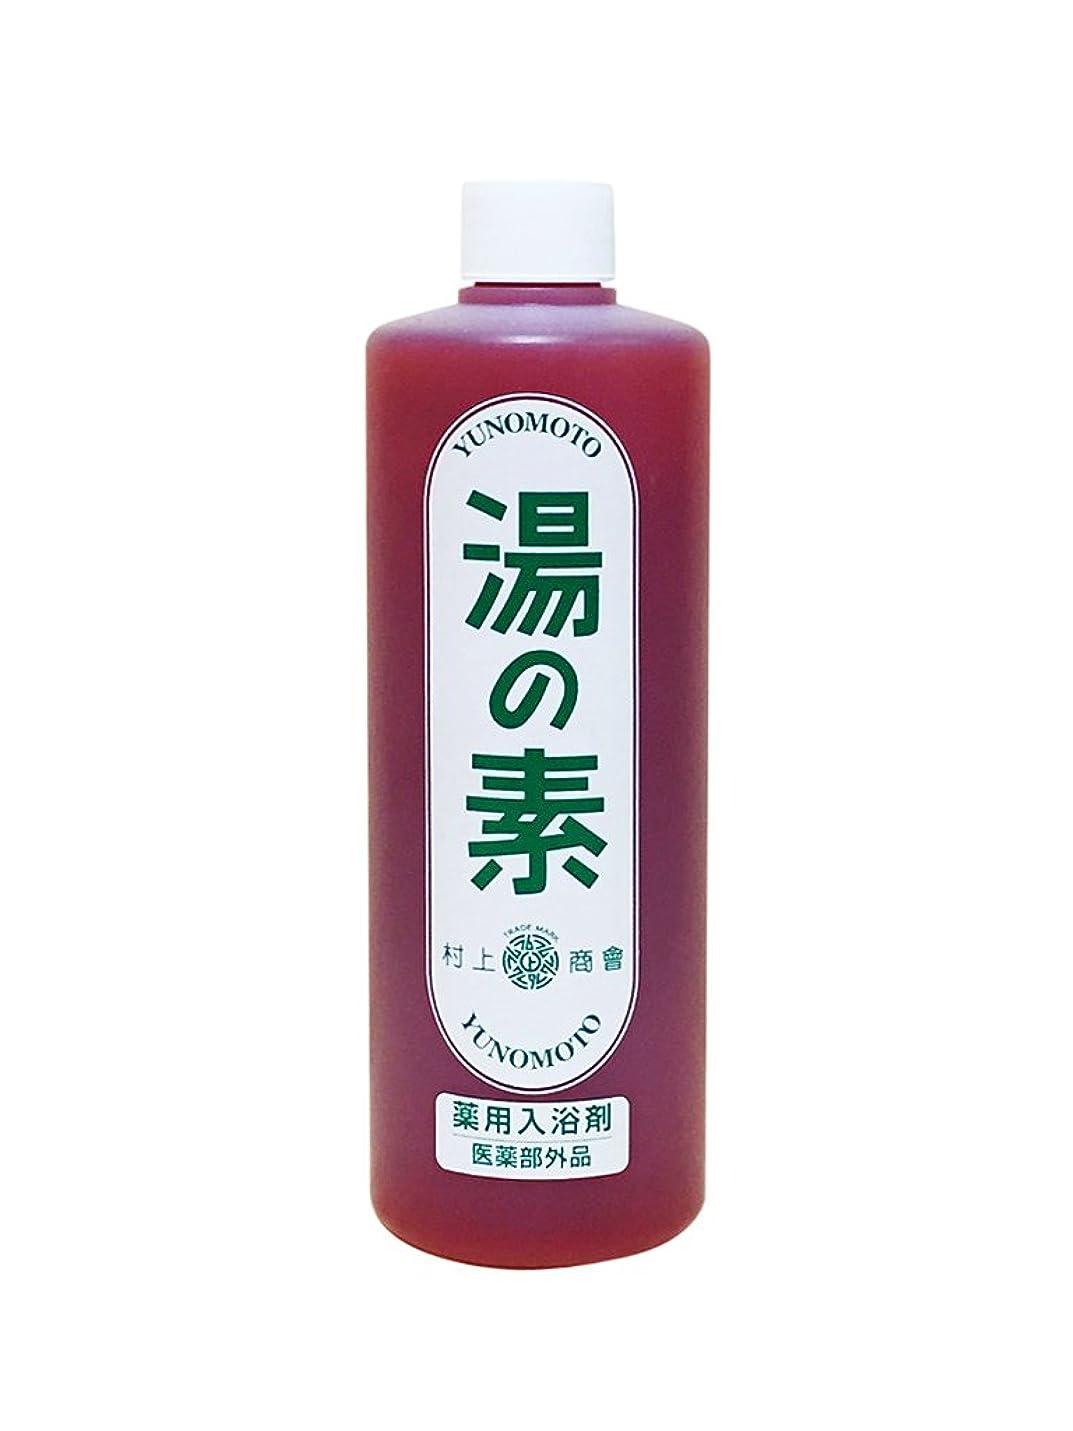 北東ラショナル根絶する硫黄乳白色湯 湯の素 薬用入浴剤 (医薬部外品) 490g